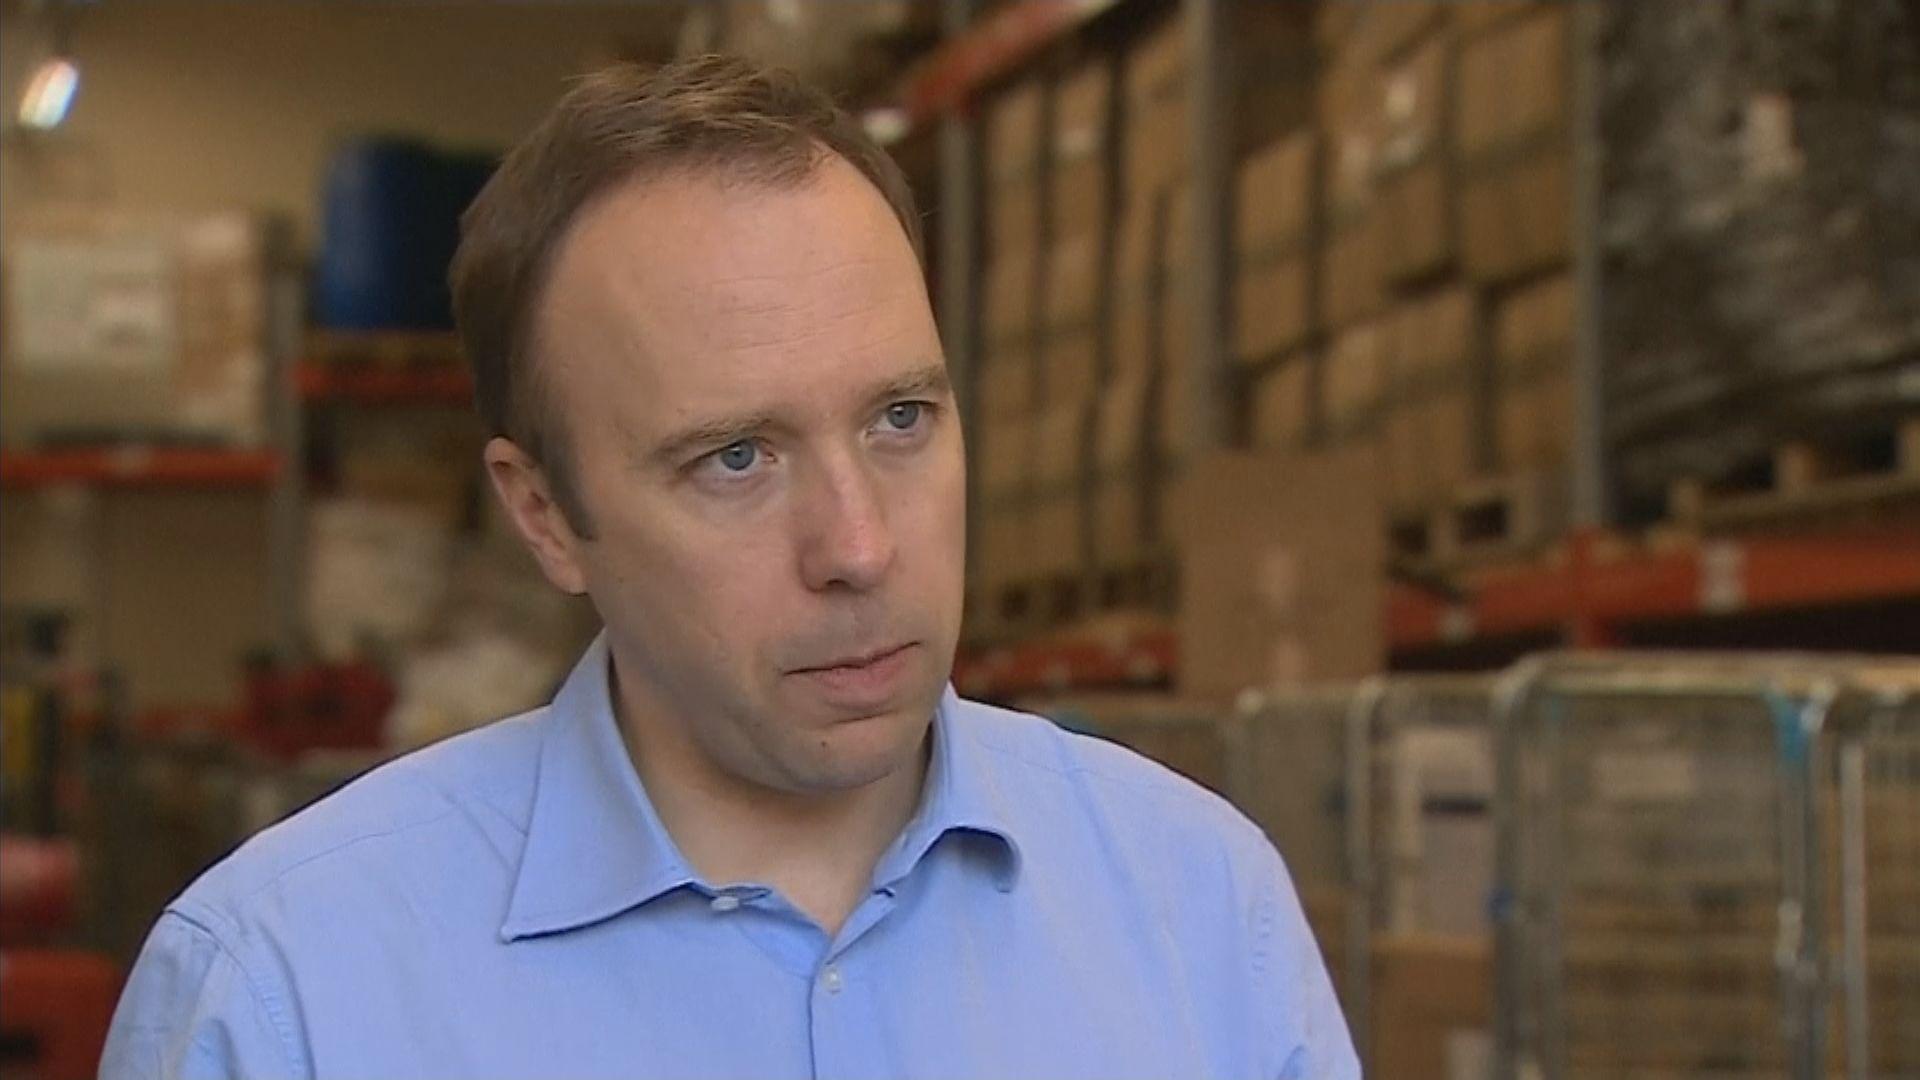 英衞生大臣:沒證據顯示病毒是人為製造